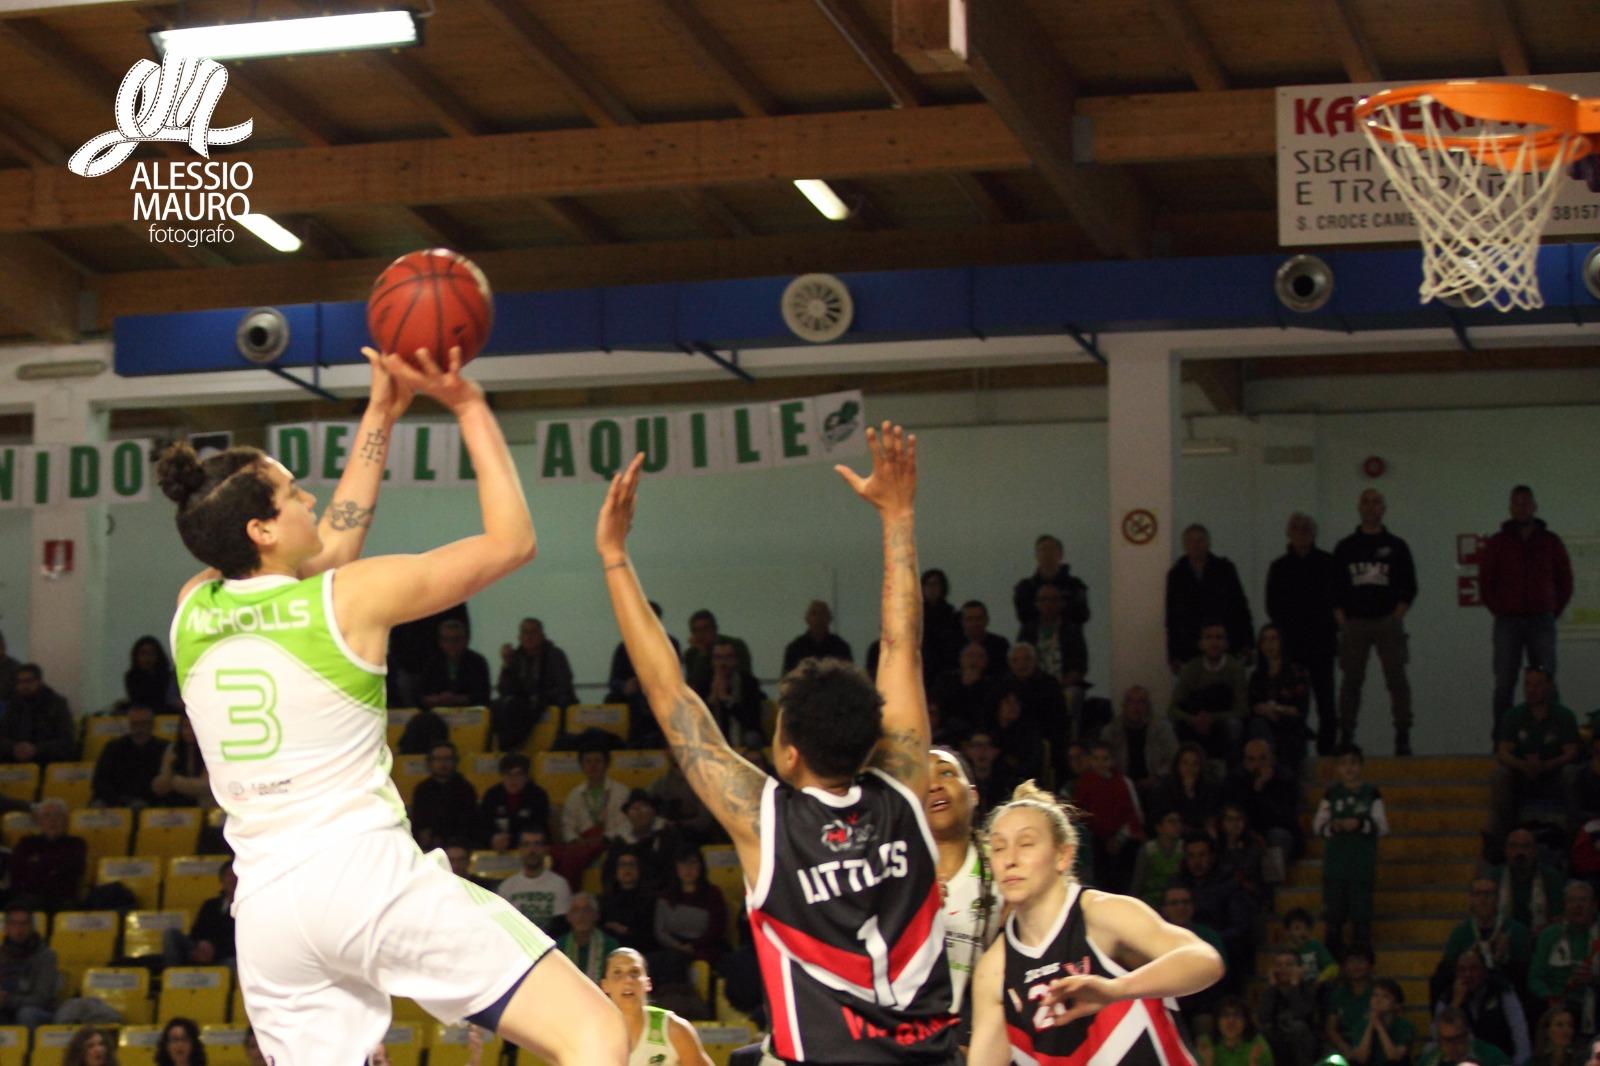 Basket, Passalacqua Ragusa in netto recupero: batte il Vigarano ed è quinta